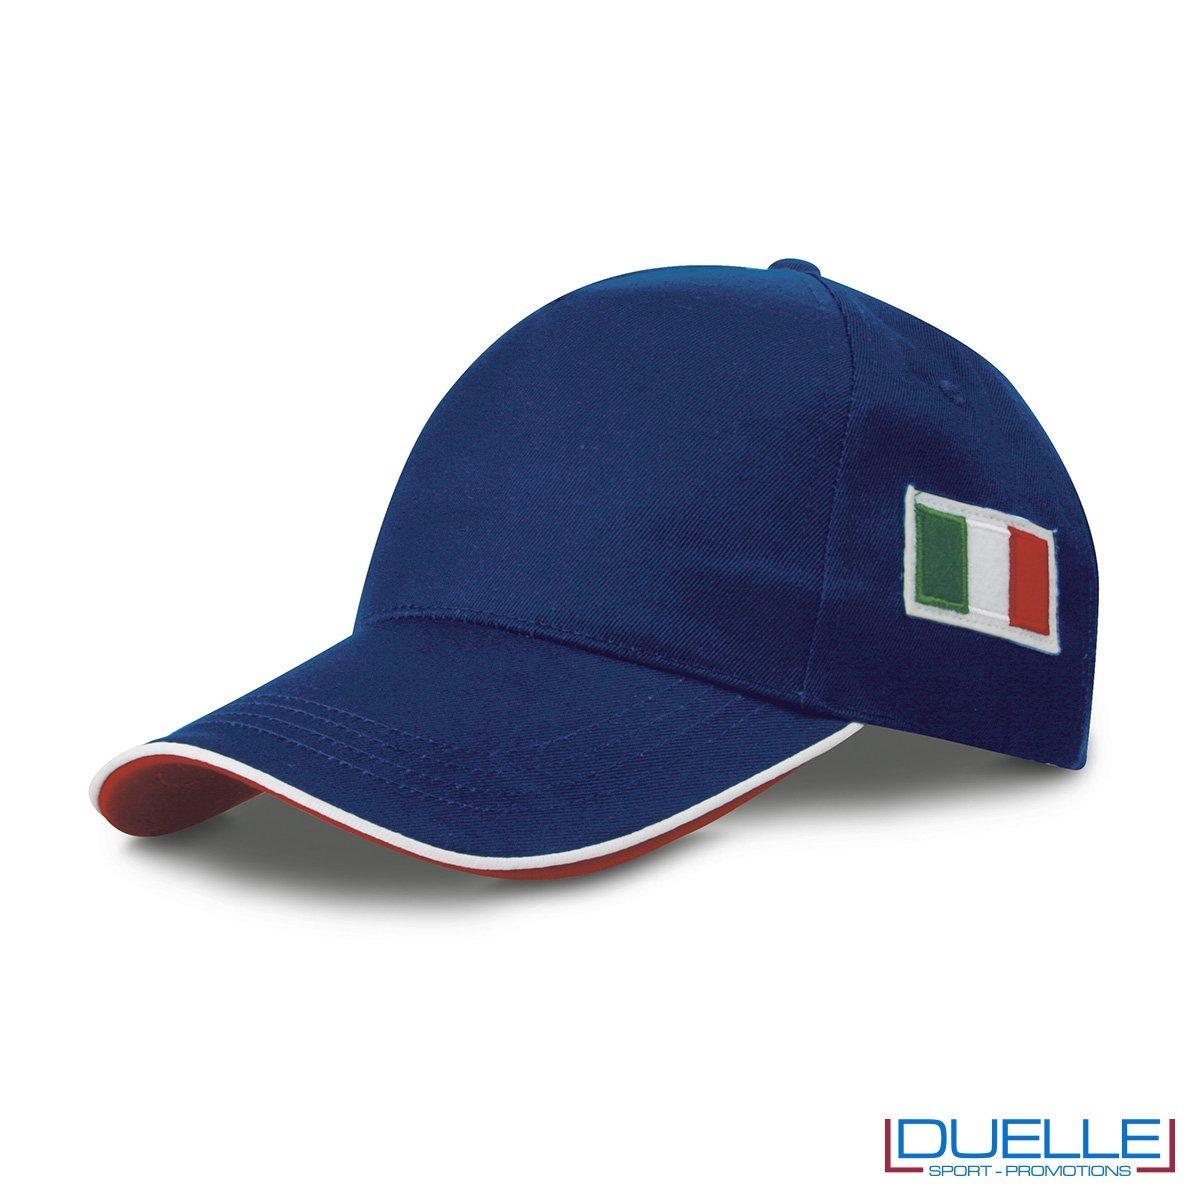 cappellino personalizzato 5 pannelli con bandiera tricolore colore blu royal